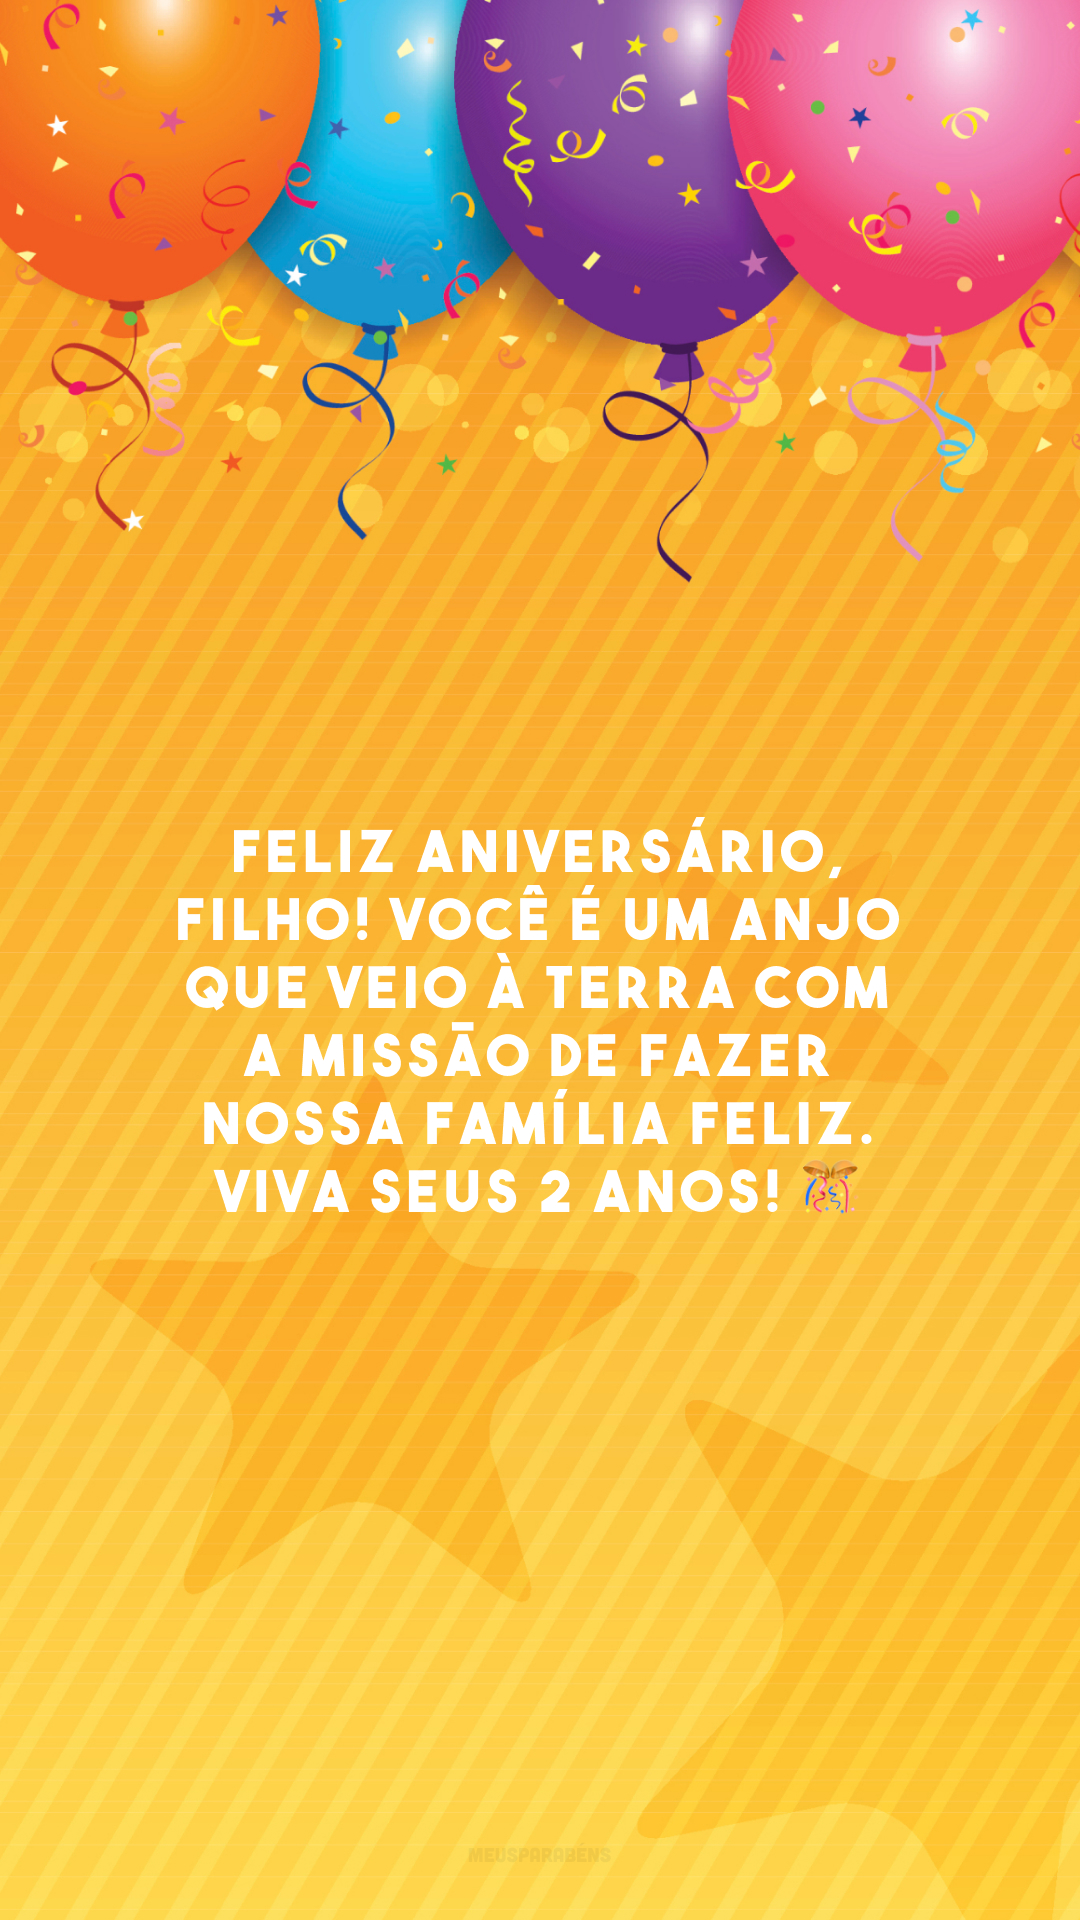 Feliz aniversário, filho! Você é um anjo que veio à Terra com a missão de fazer nossa família feliz. Viva seus 2 anos! 🎊